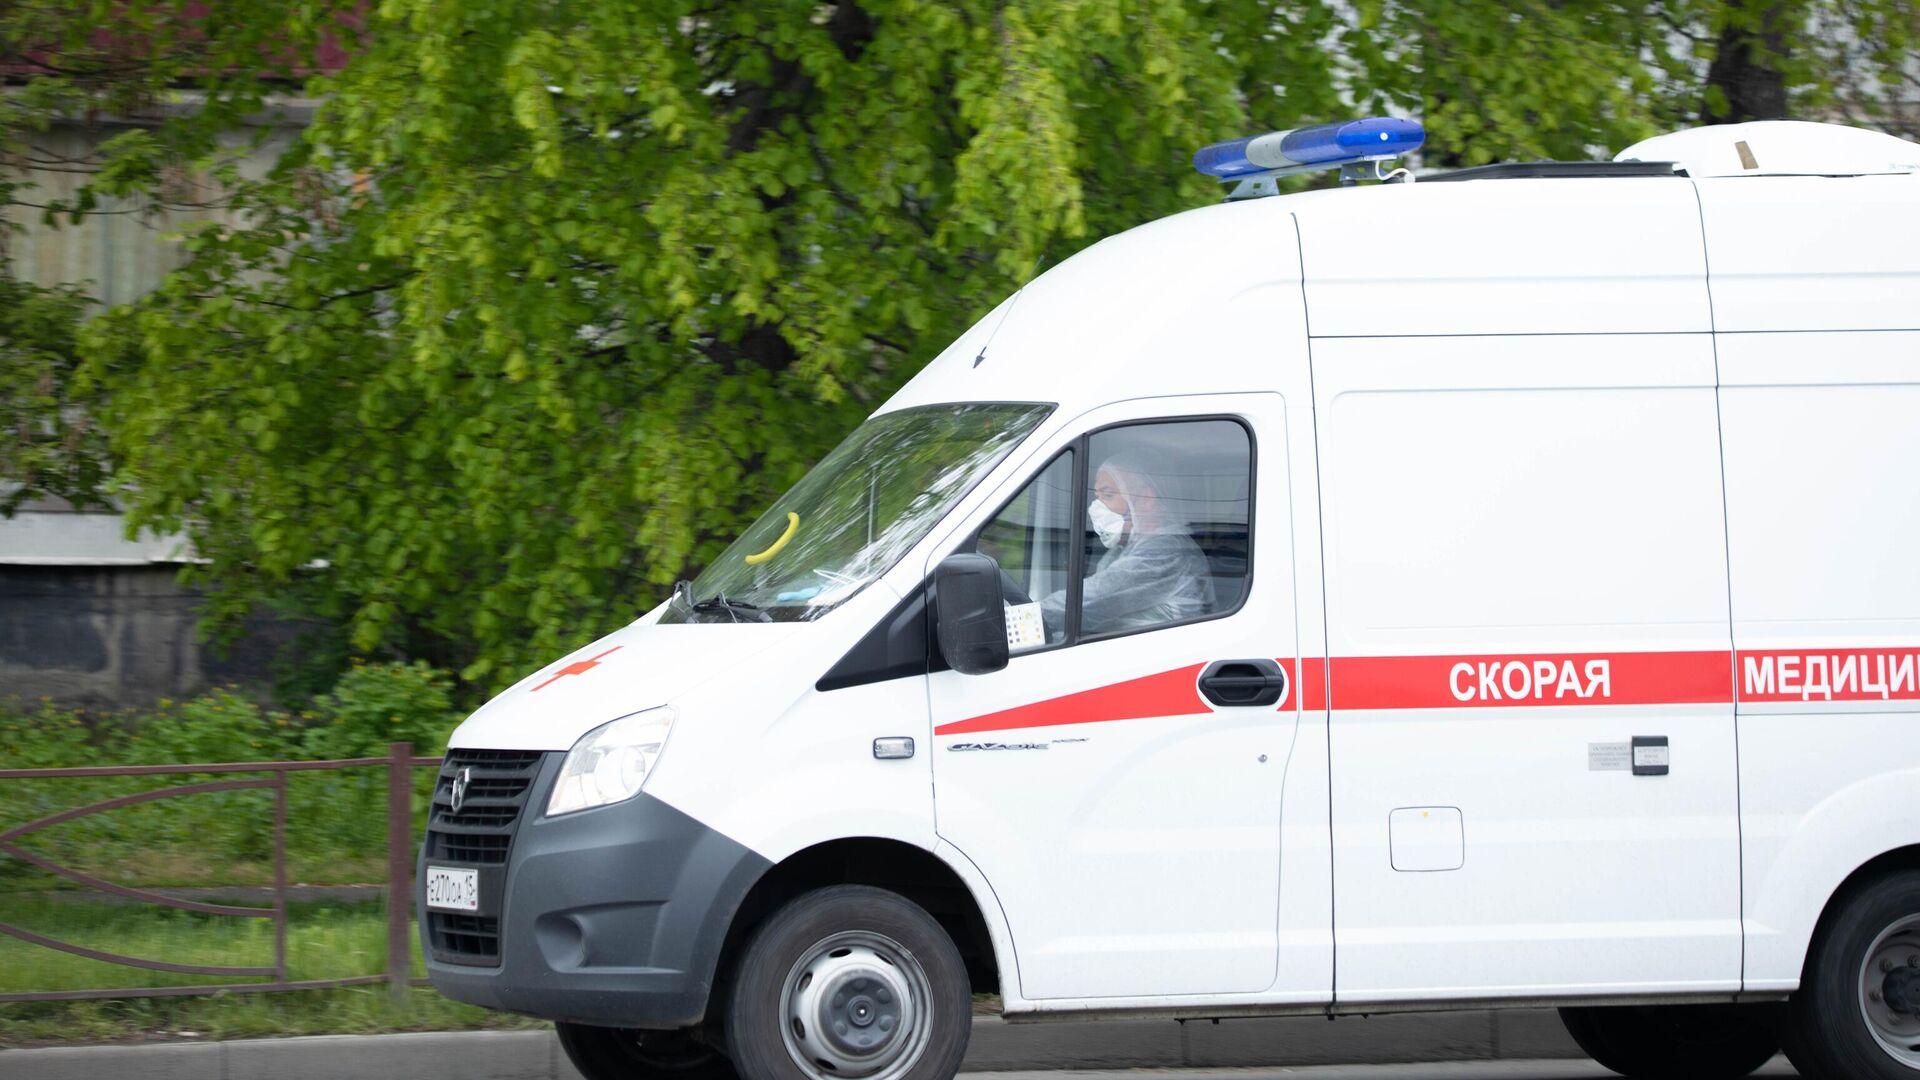 Состояние погибших во Владикавказе было крайне тяжелым